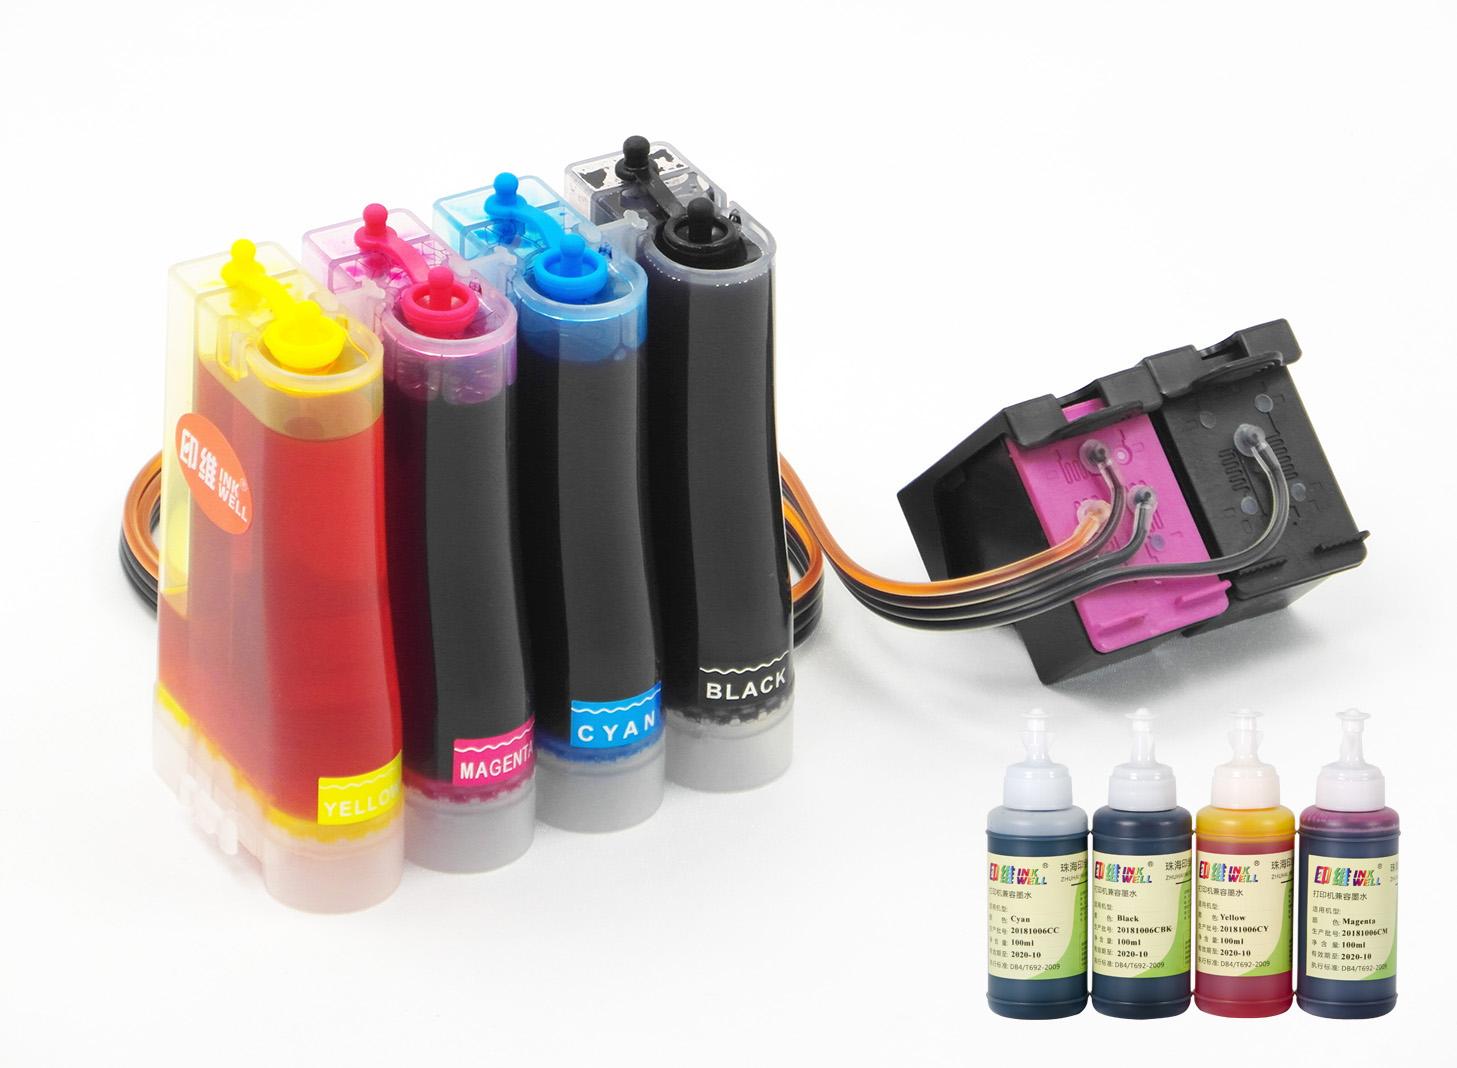 兼容803xl墨盒惠普连供2132彩色黑色HP 2621 2622 2623 2131 2132 1112 1111改打印机联供改装供墨系统连供